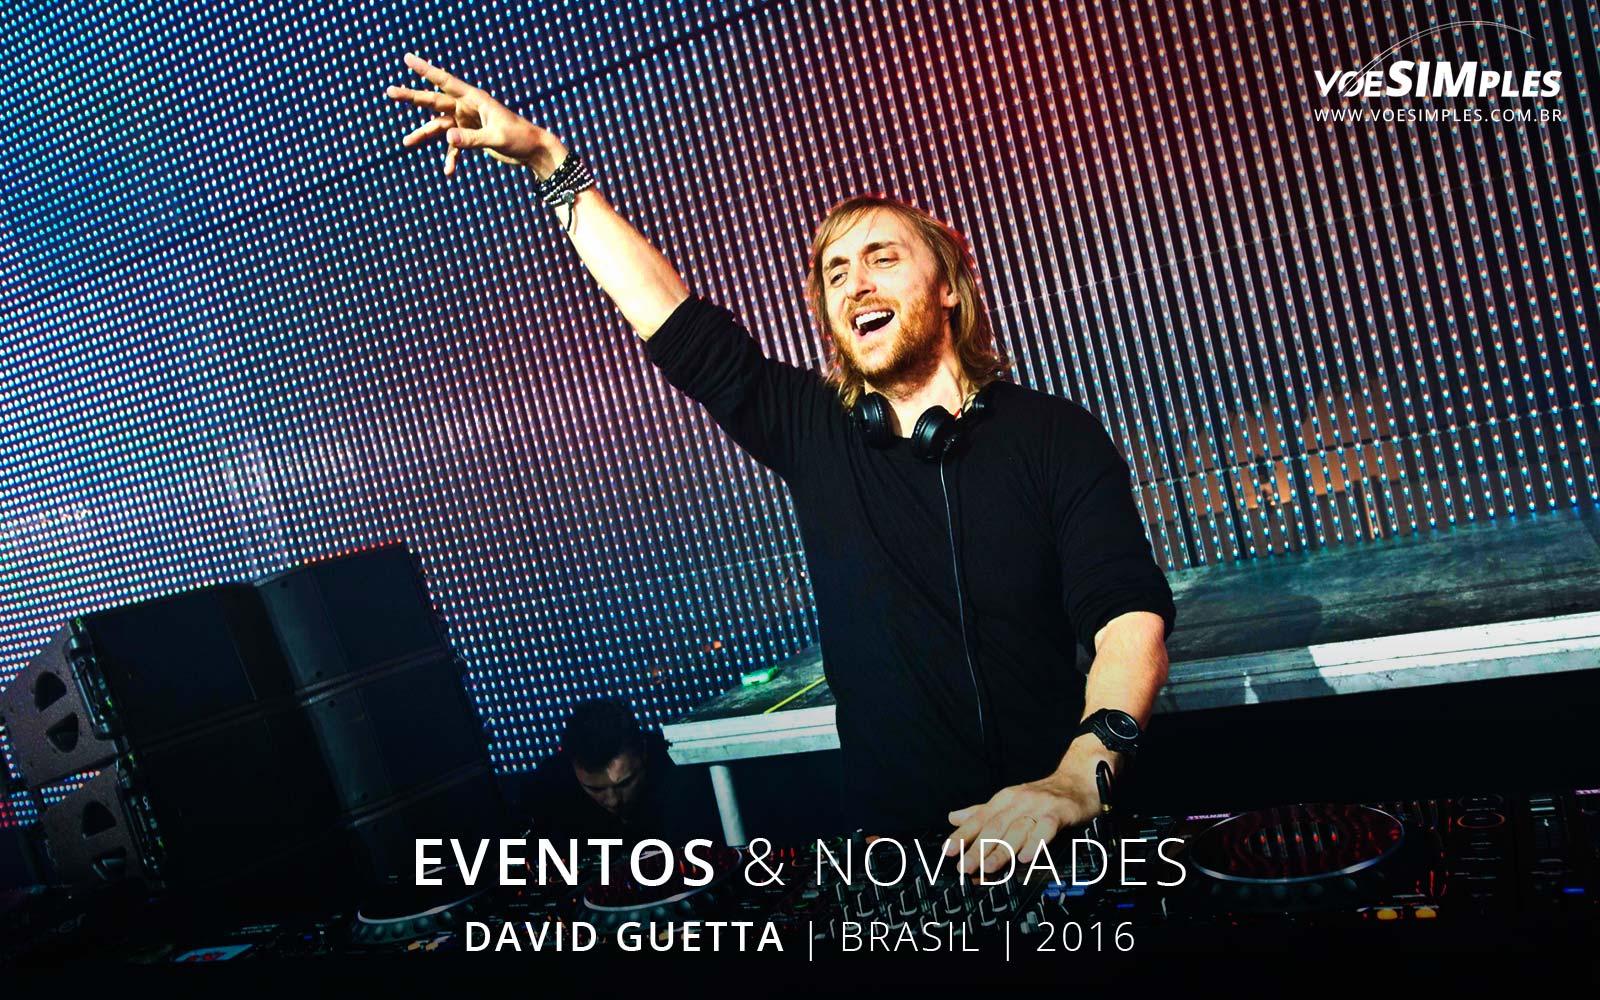 show-david-guetta-brasil-2016-voesimples-passagens-aereas-promocionais-david-guetta-passagens-promo-david-guetta-2016